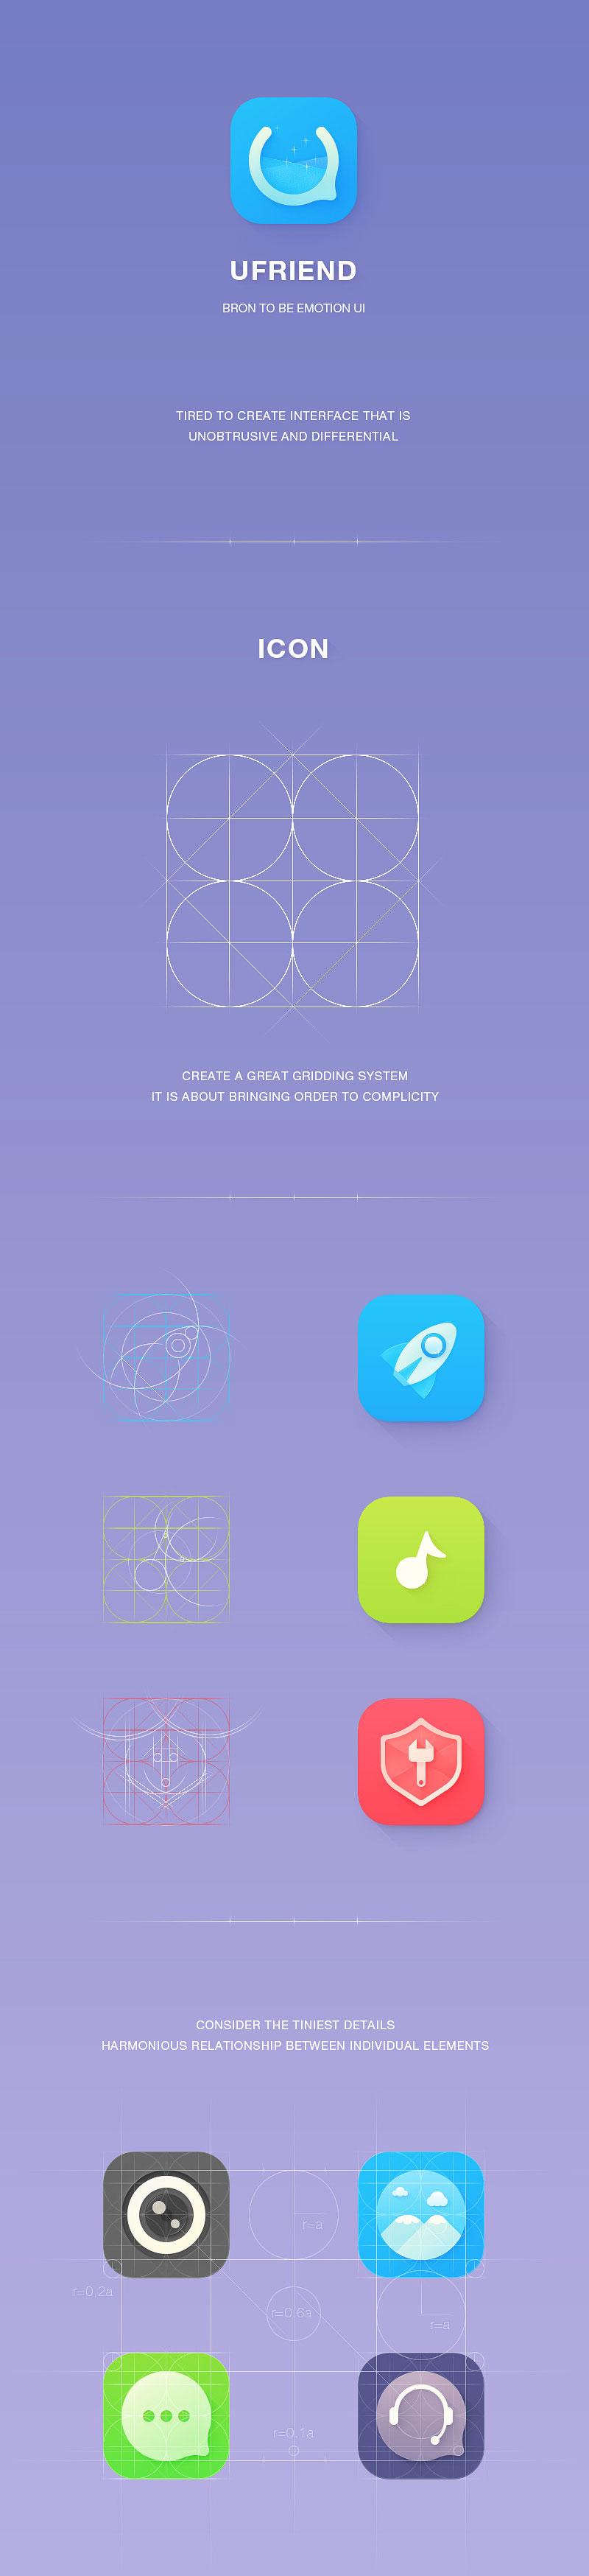 一套很漂亮又舒服的APP主题图标界面设计